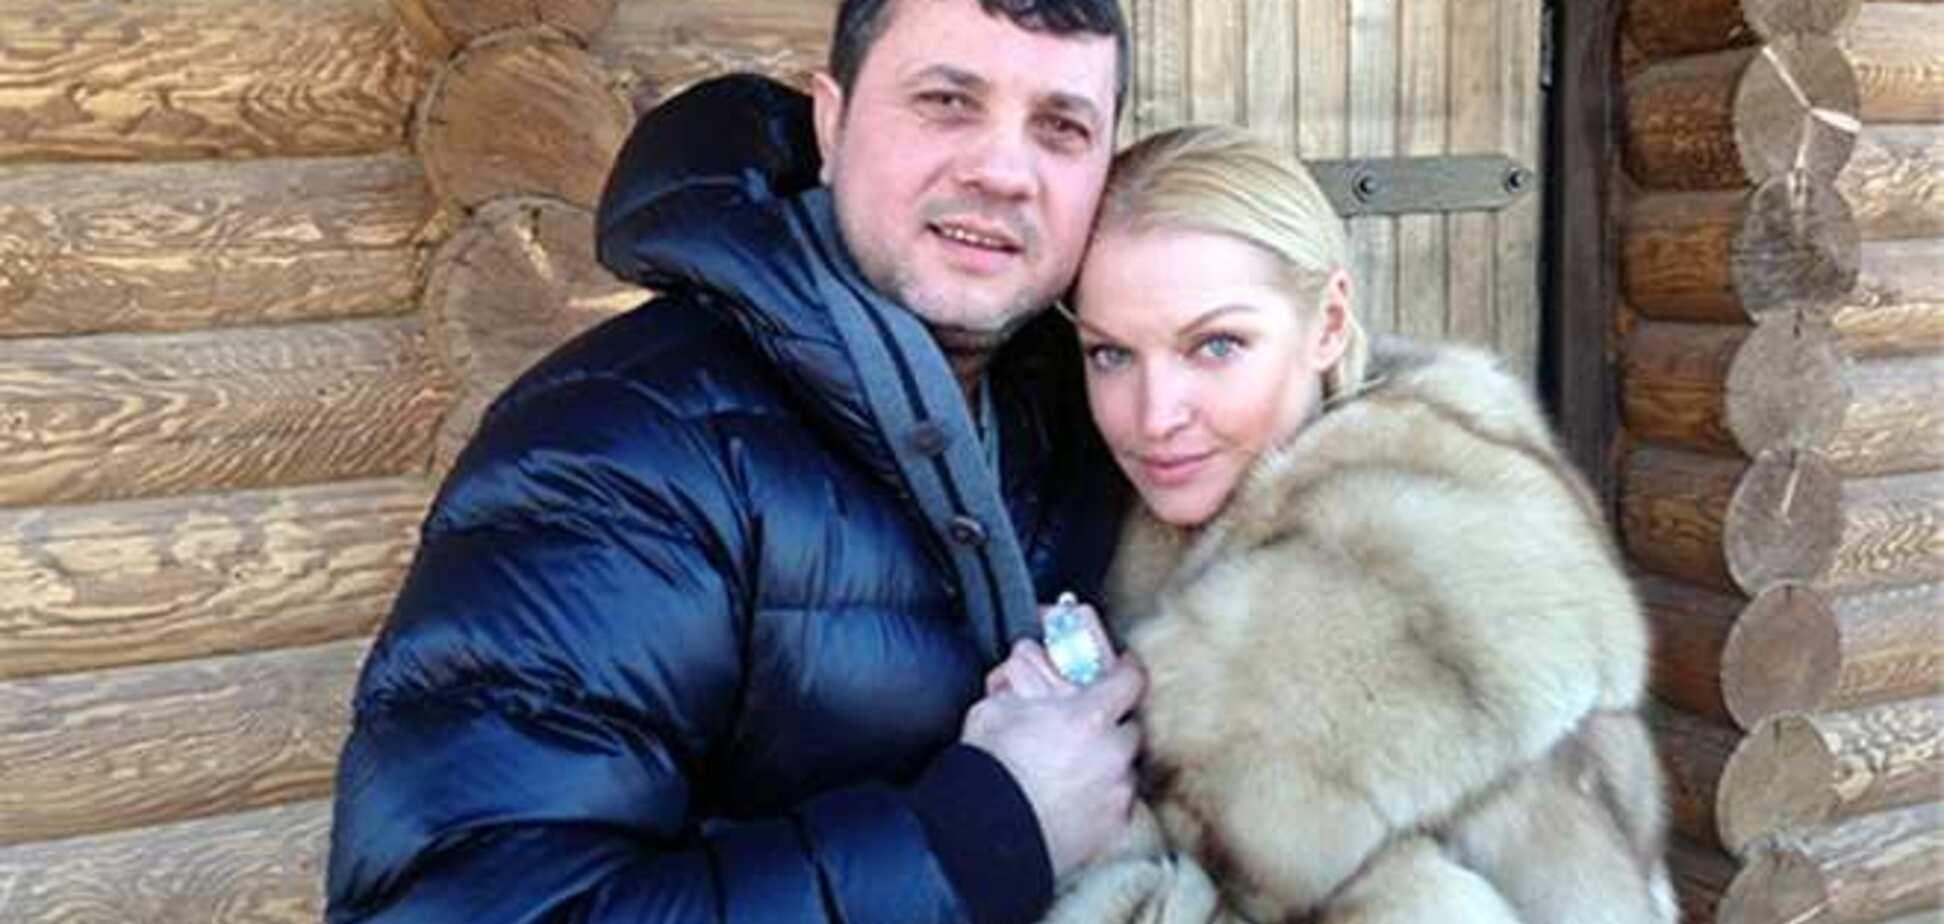 Волочкова в Twitter попрощалась с возлюбленным